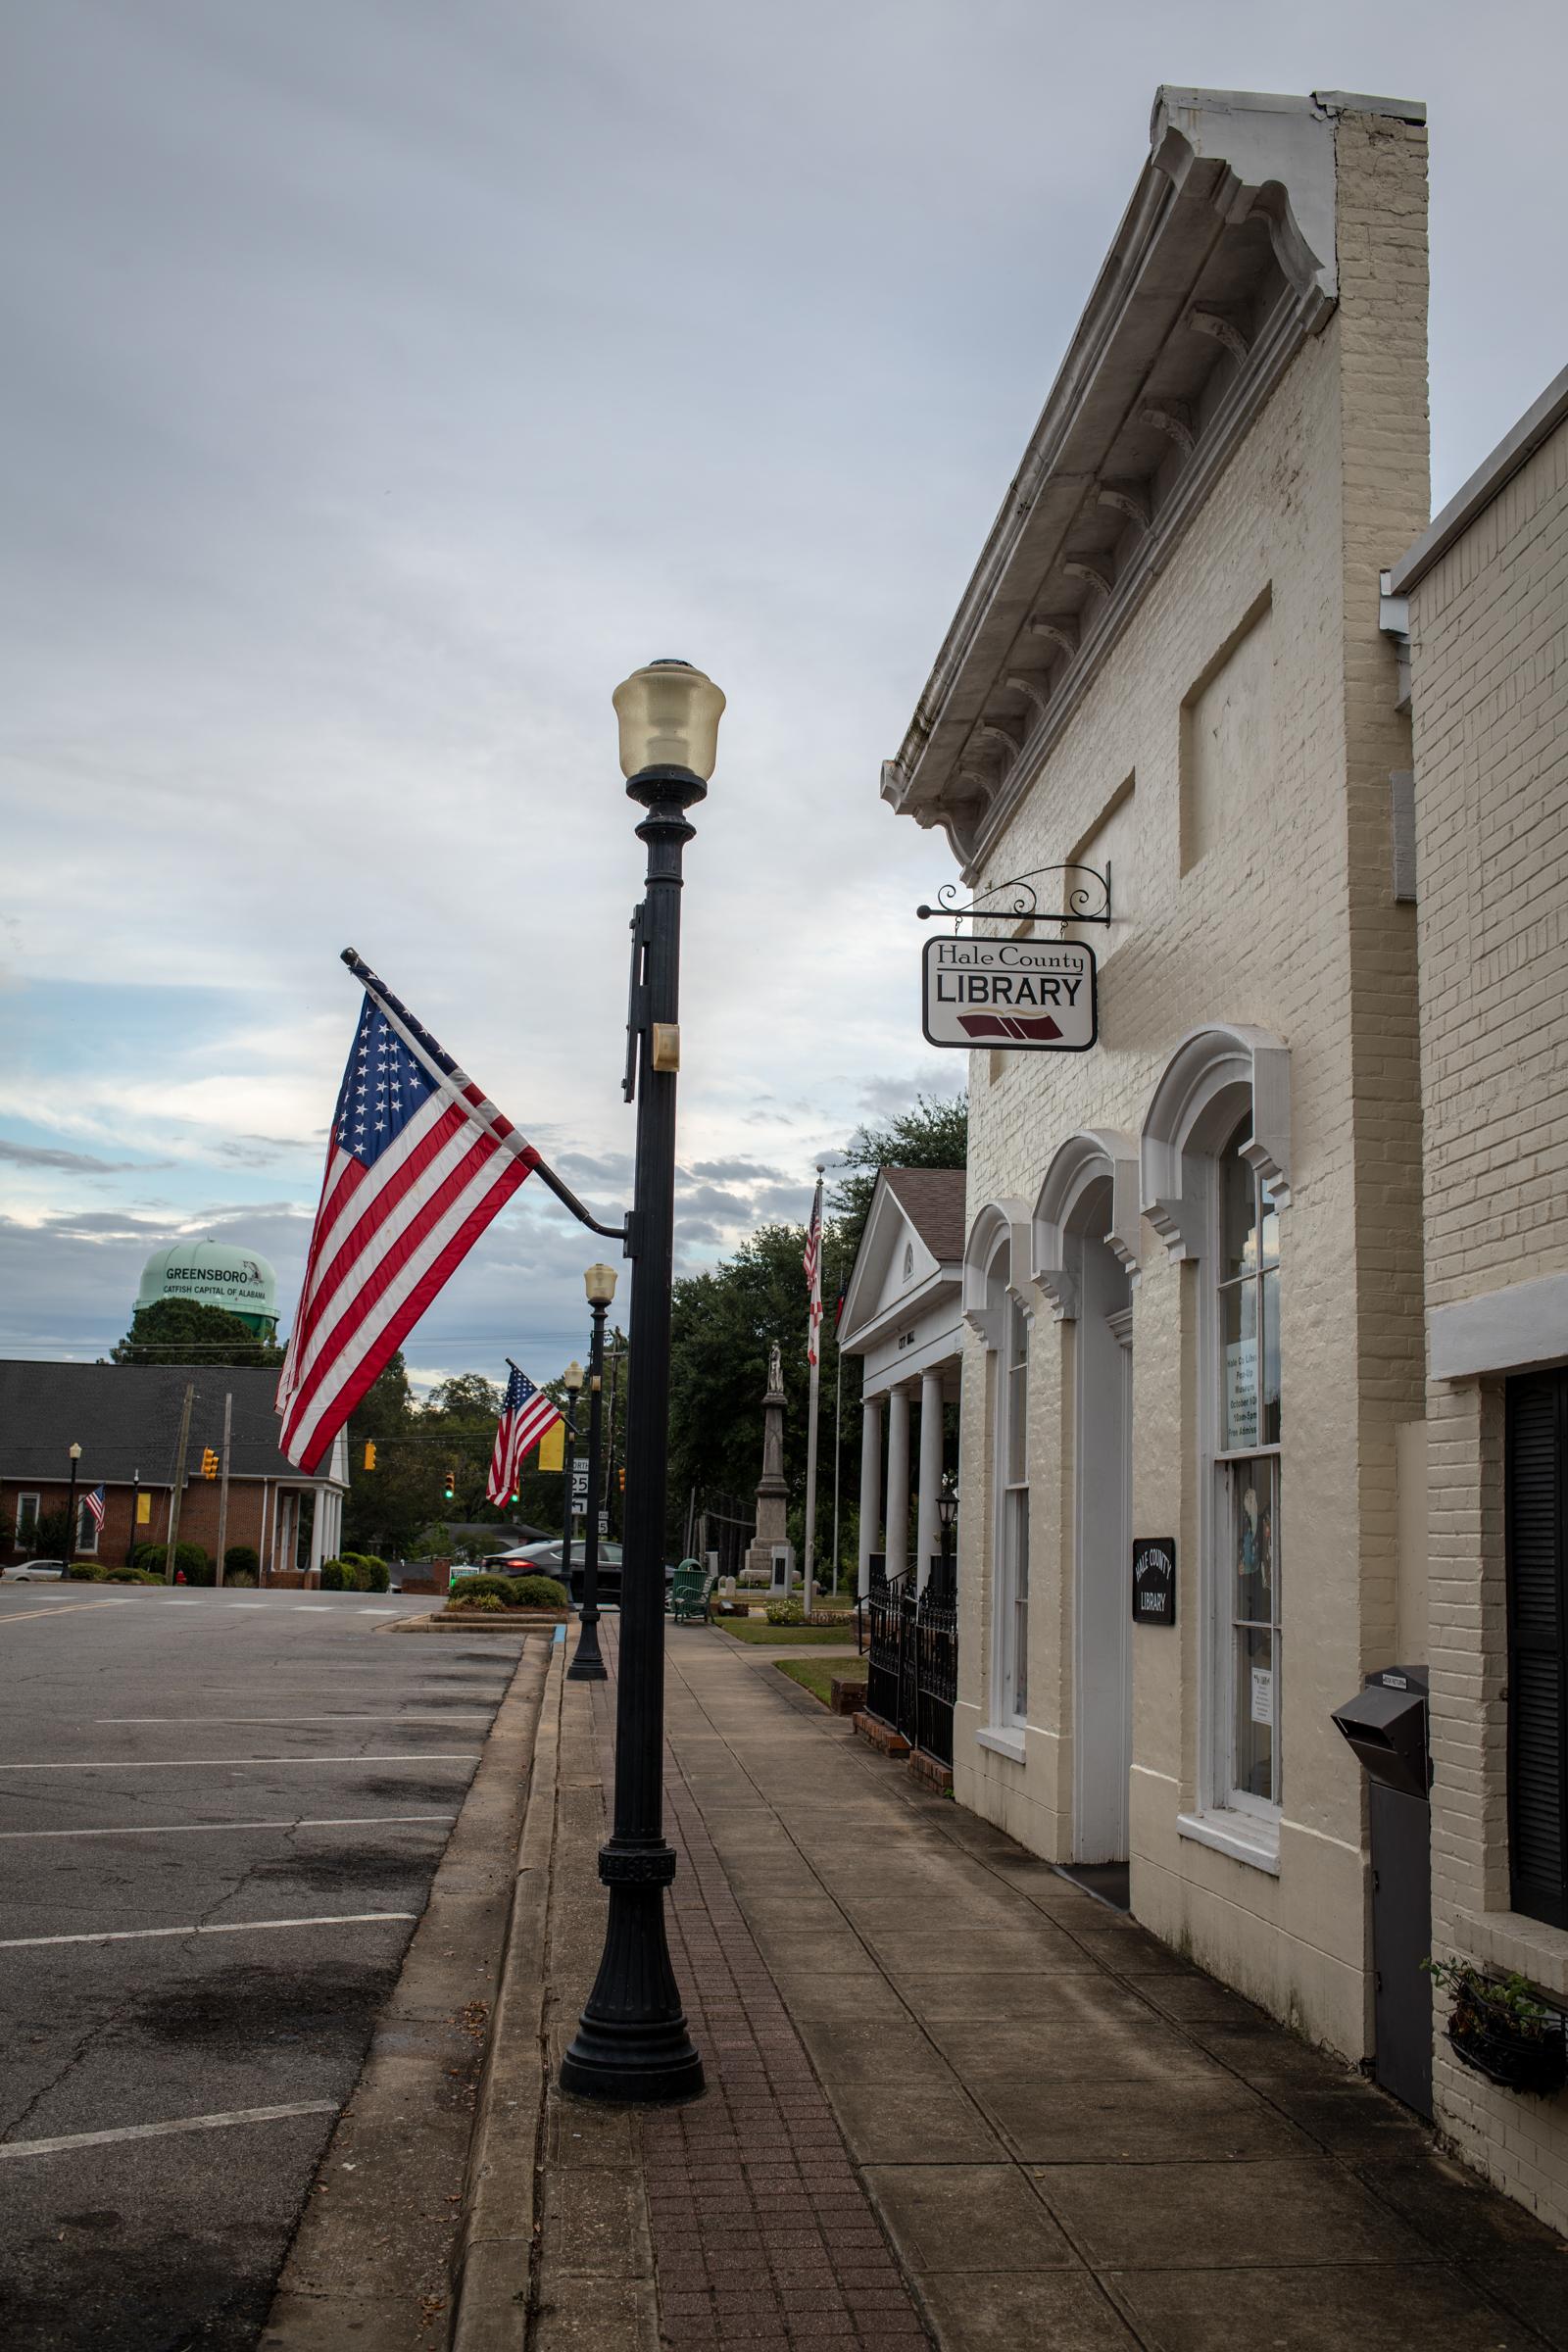 Hale County Library, Greensboro, AL